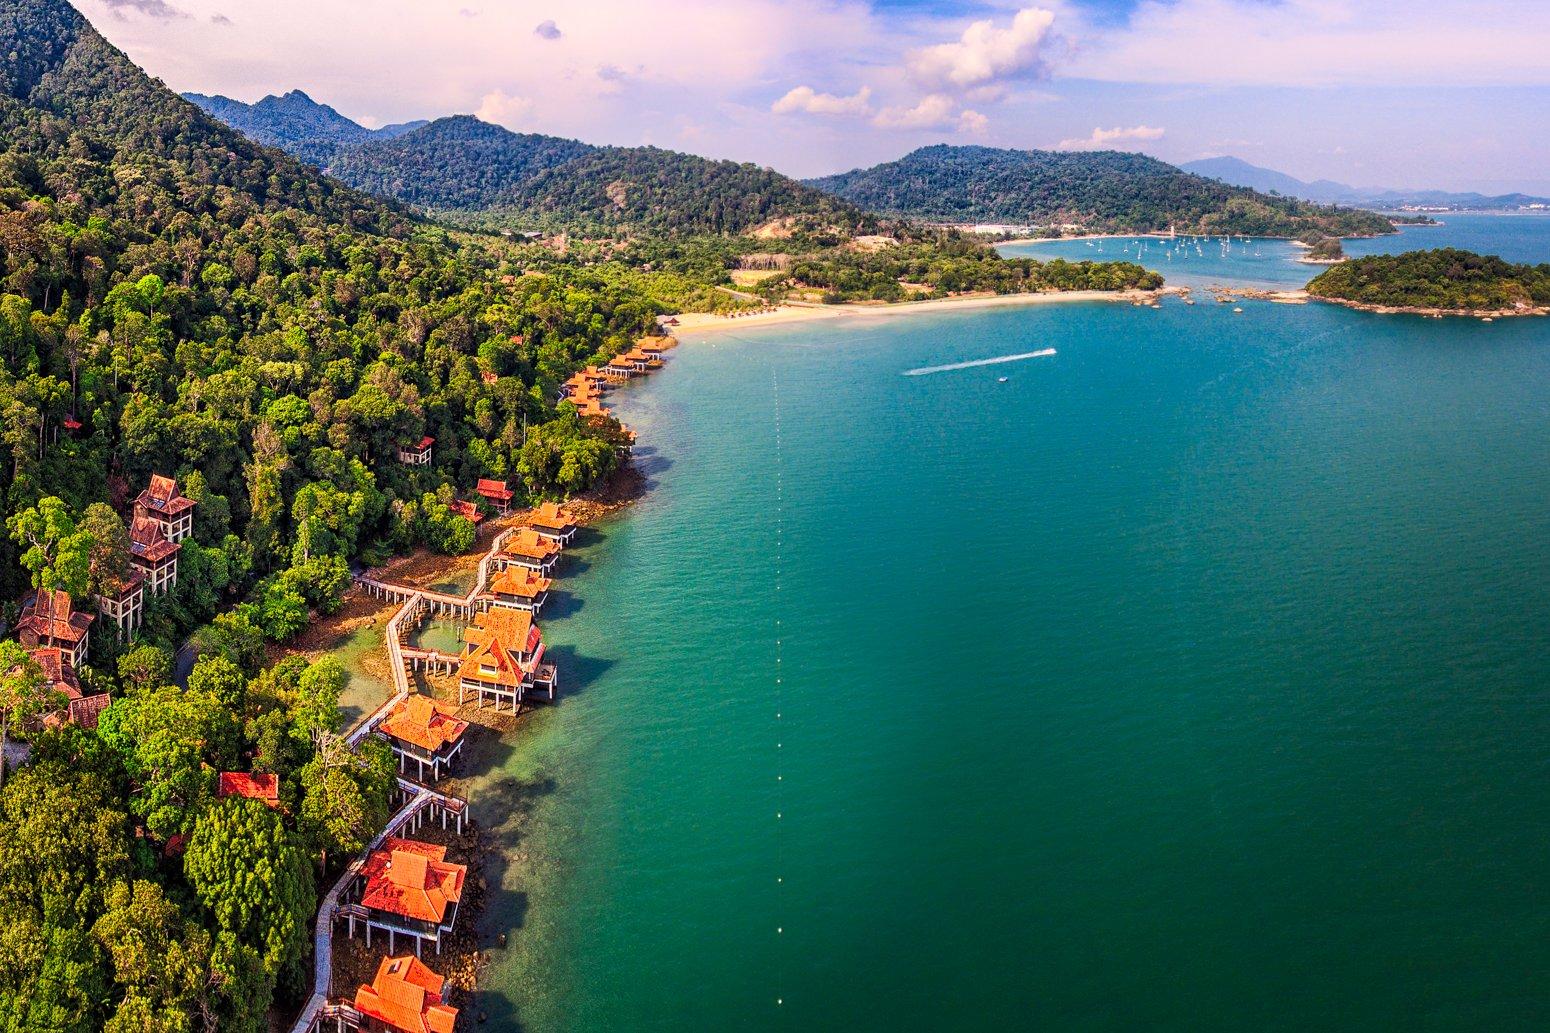 Luchtfoto van het strand van Langkawi, Maleisië met Berjaya Langkawi Resort